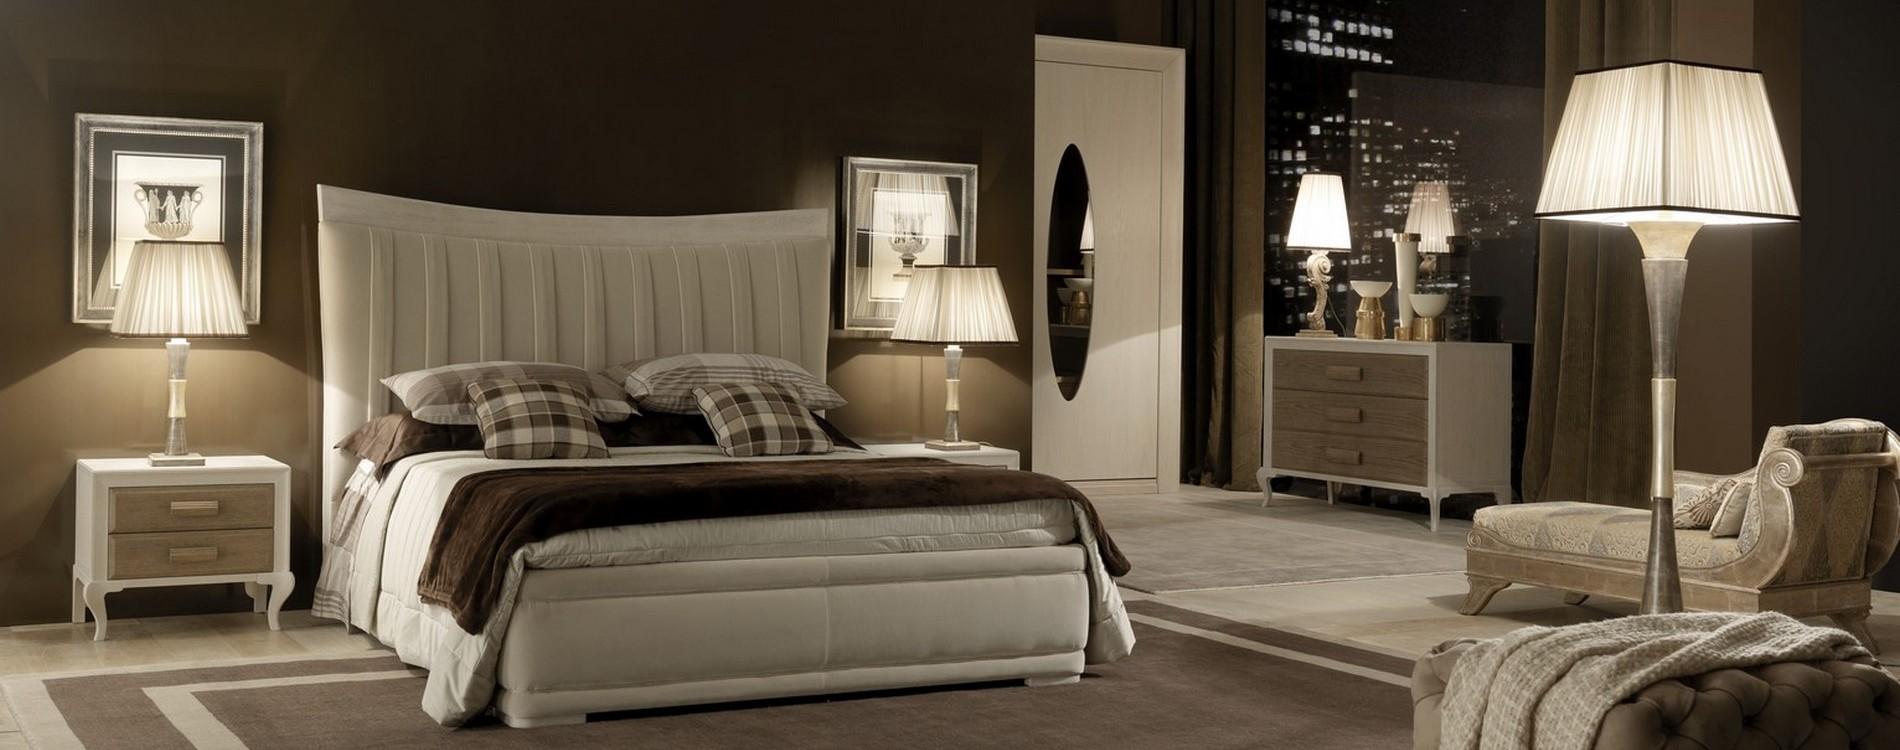 Mobilificio europa camere da letto letti comodini armadi - Camera di letto usato ...